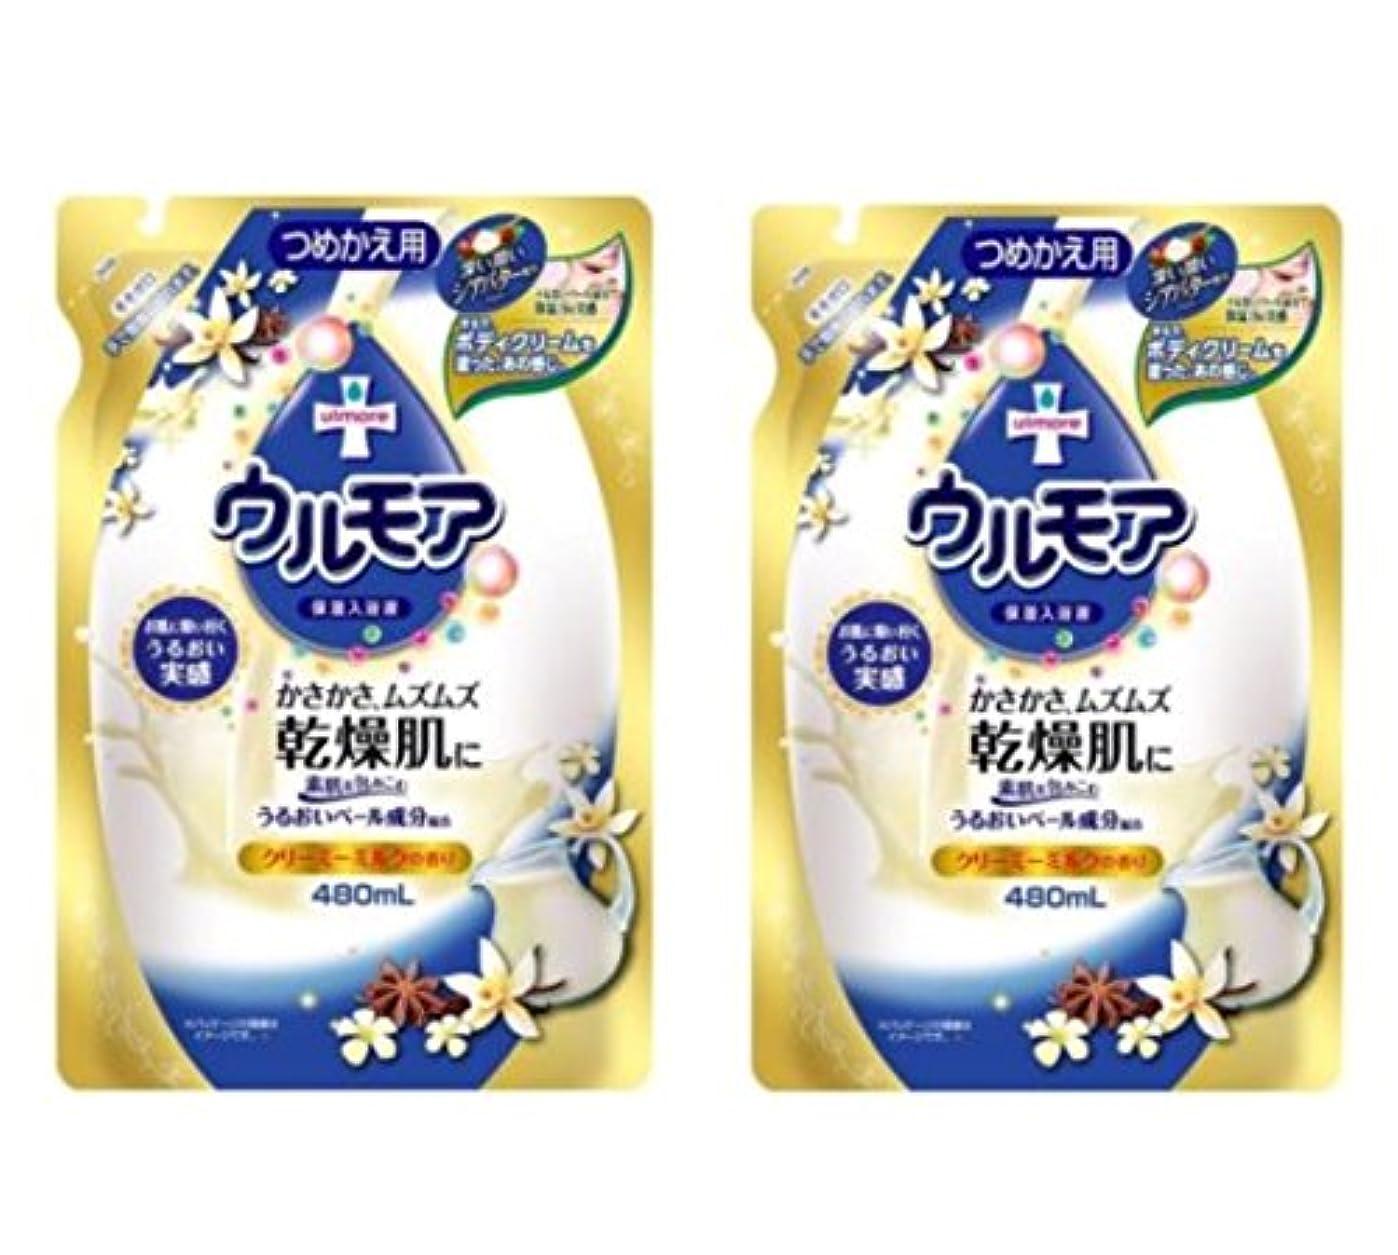 回復シガレット色アース製薬 保湿入浴液 ウルモア クリーミーミルク詰替 480ml×2個セット